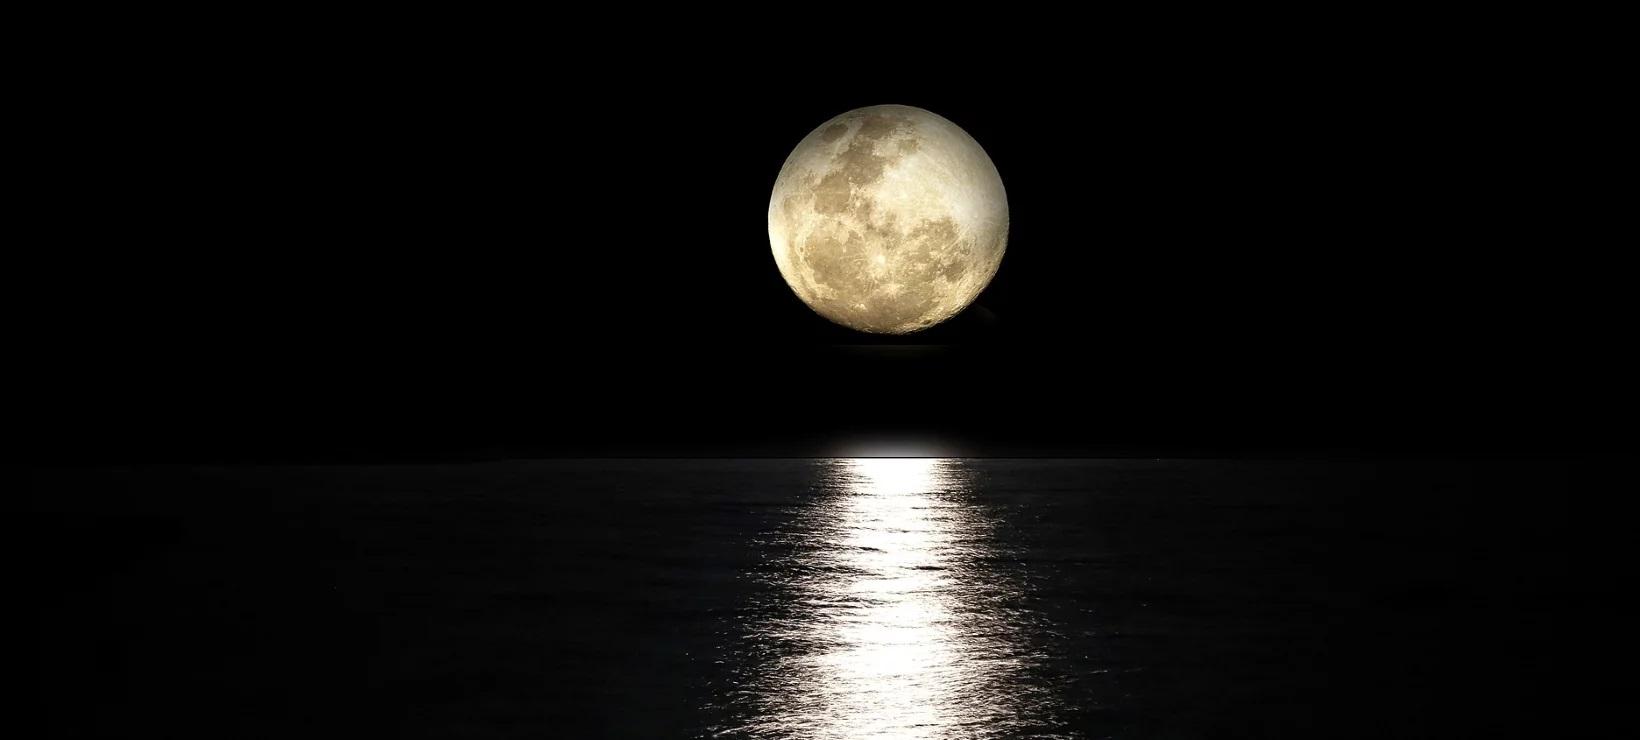 「月」は、どうやって生まれたの?